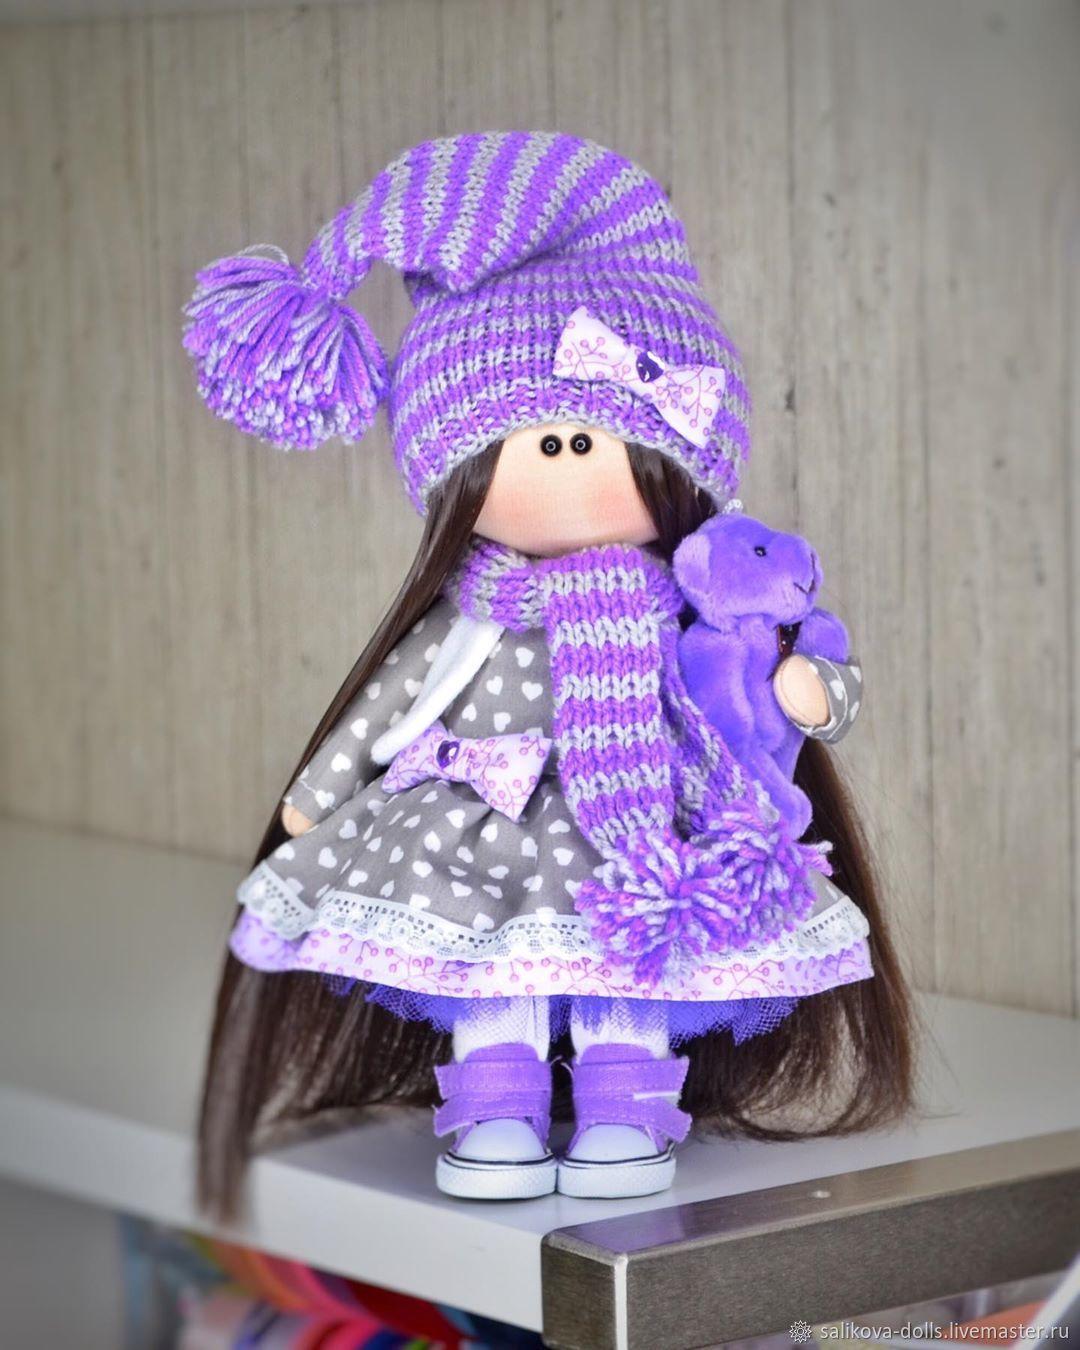 Гномушка, Куклы Тильда, Новокузнецк,  Фото №1